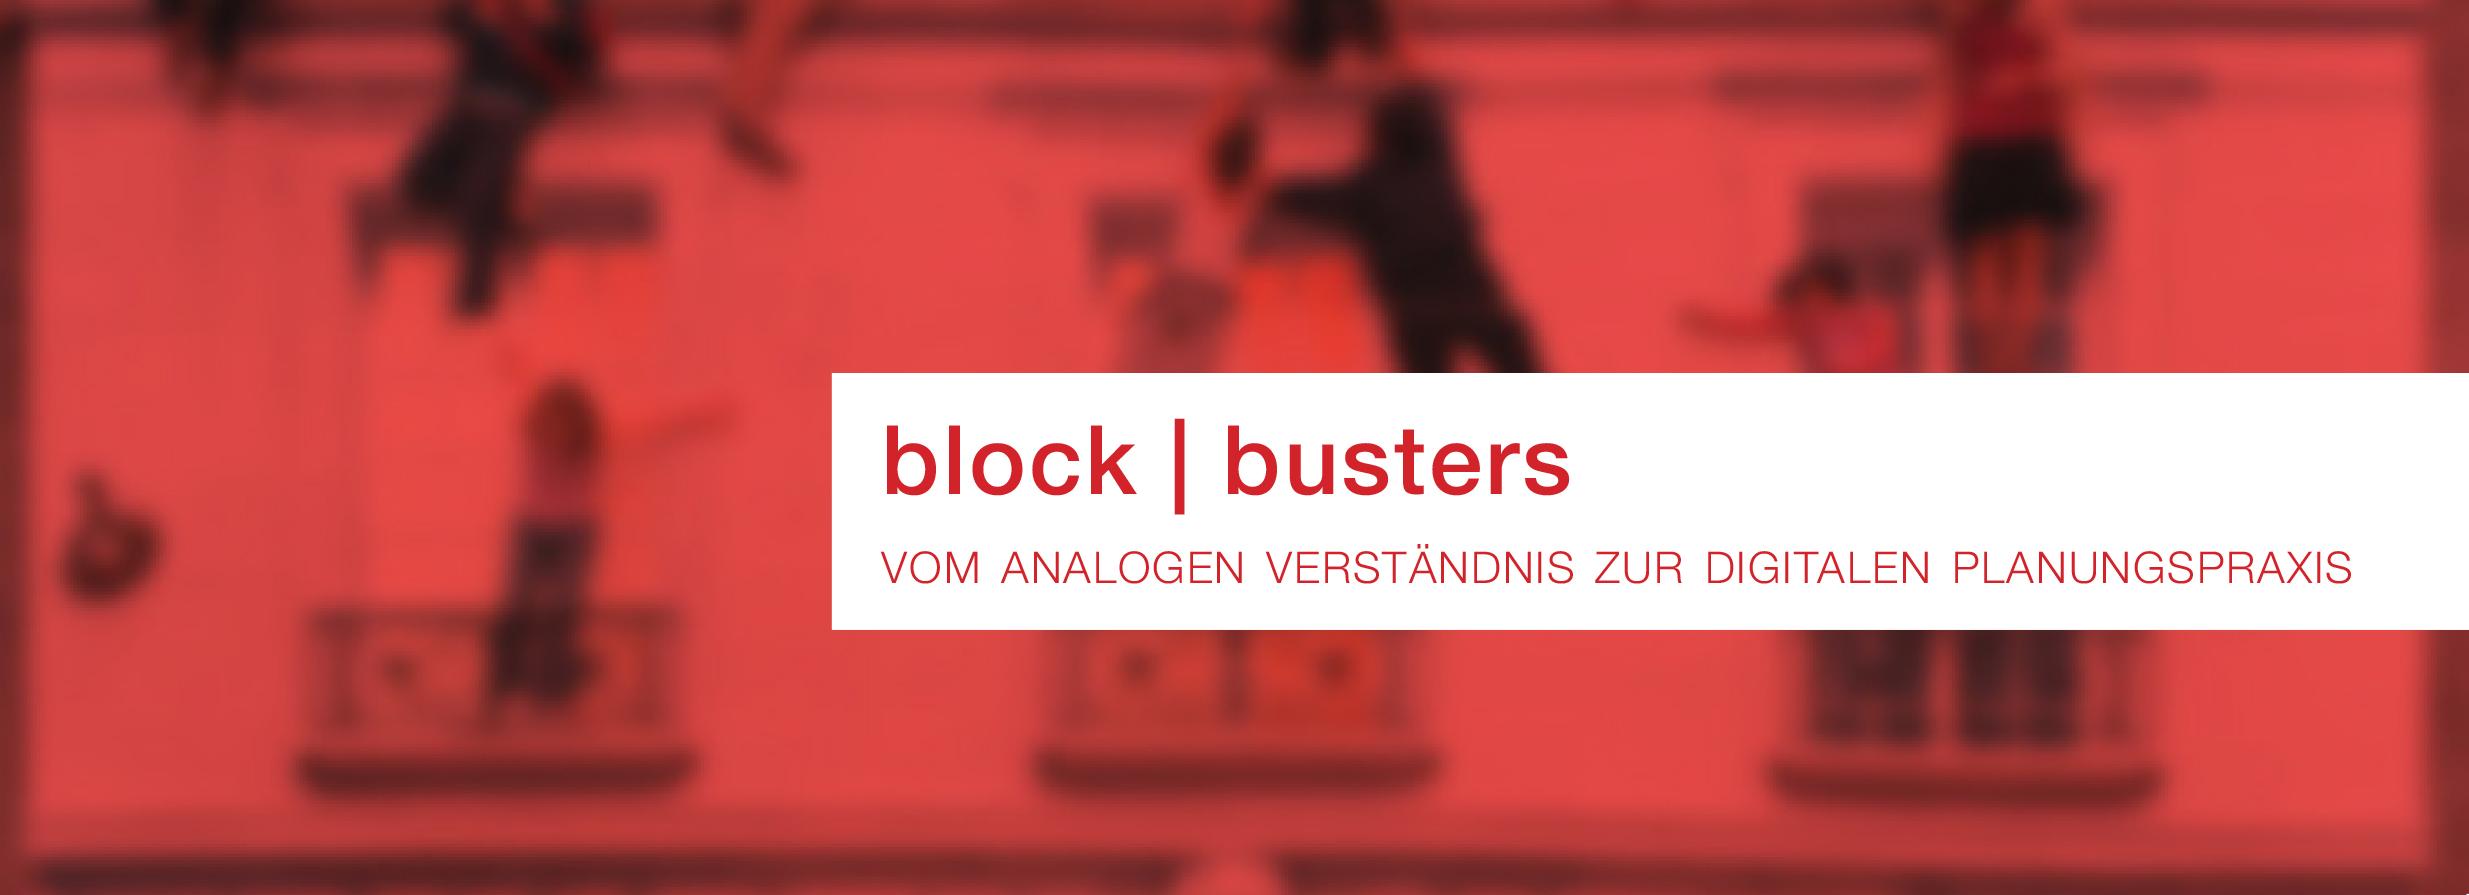 Einband_Buchrücken.indd